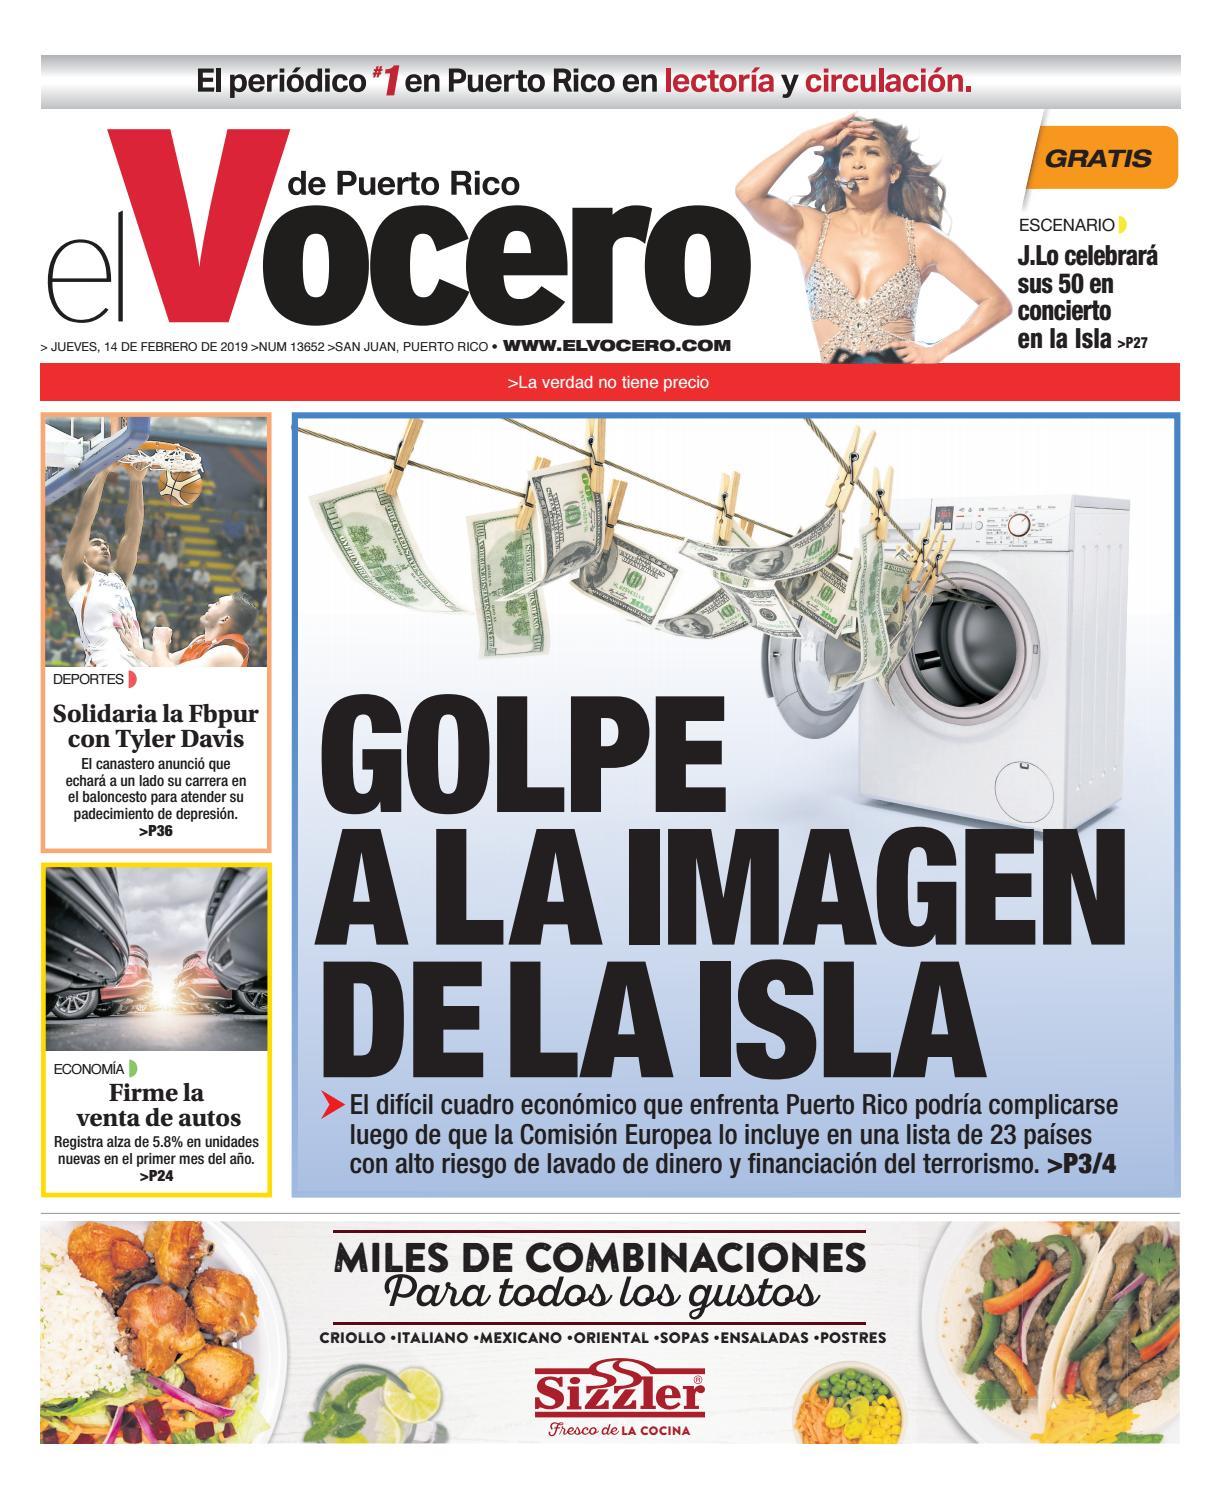 bb9fb5268 Edición del 14 de febrero de 2019 by El Vocero de Puerto Rico - issuu